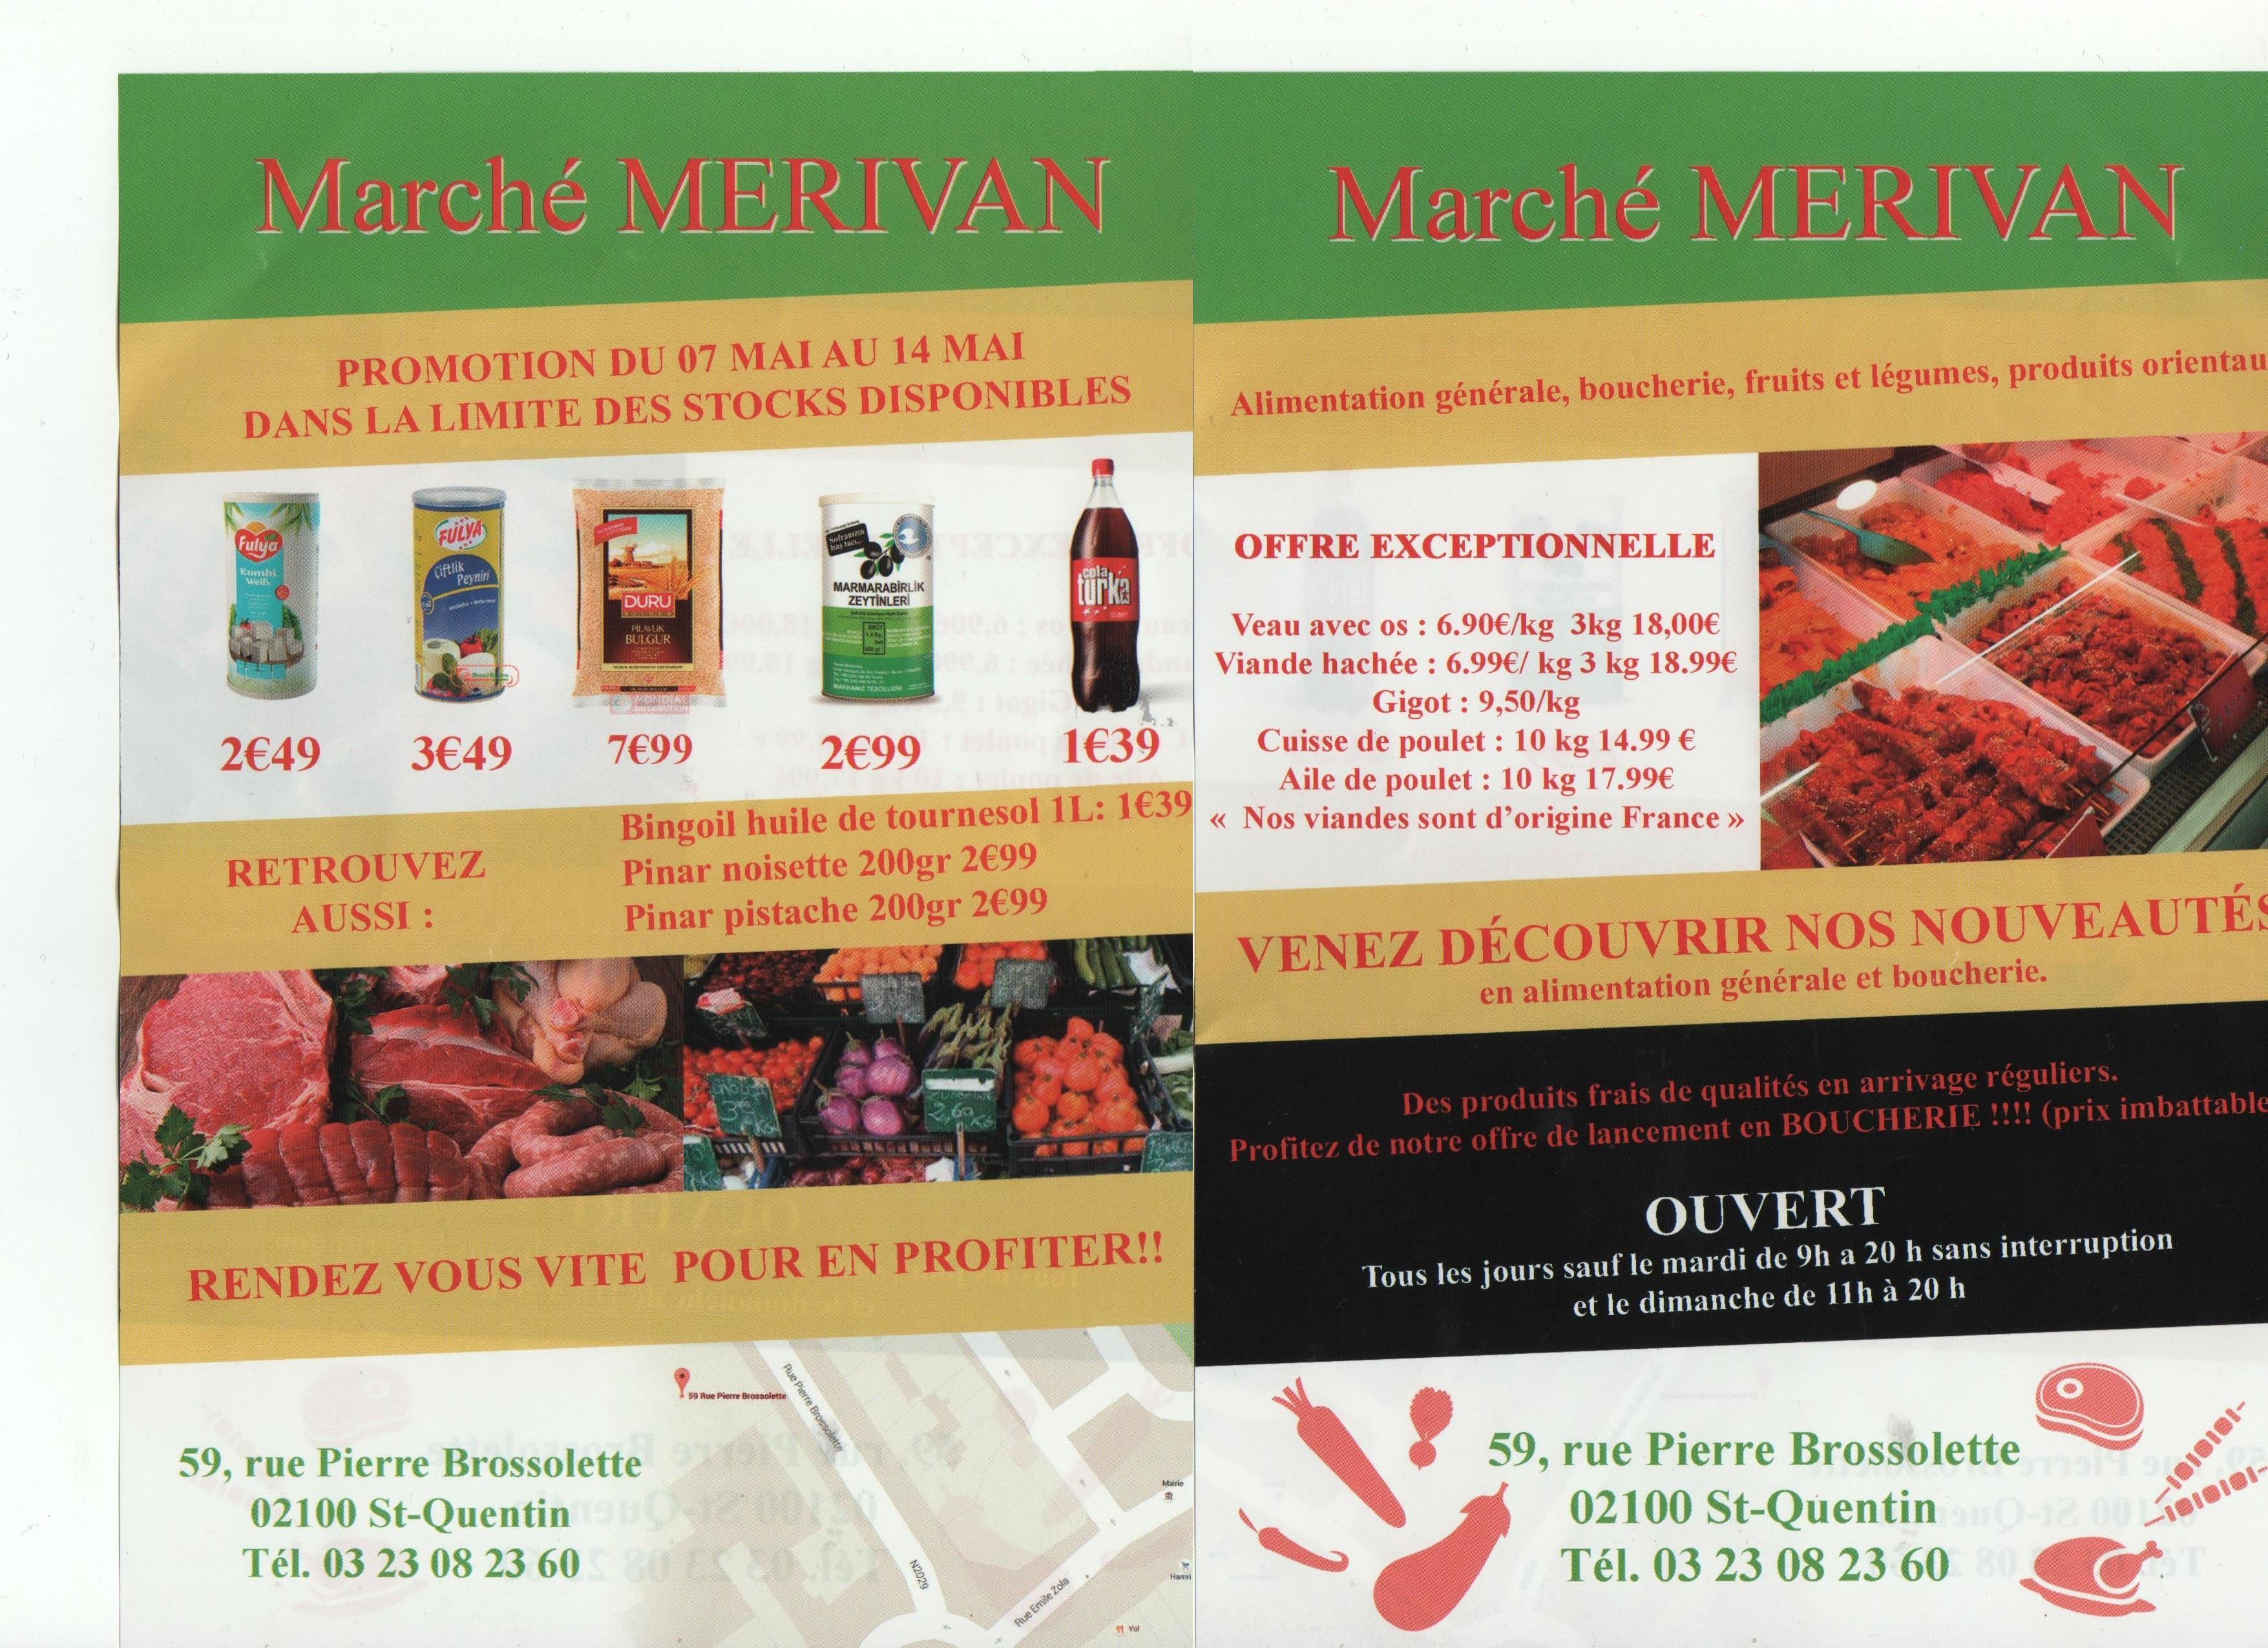 Viande en promotion pour l'ouverture du magasin - Ex: Veau avec os